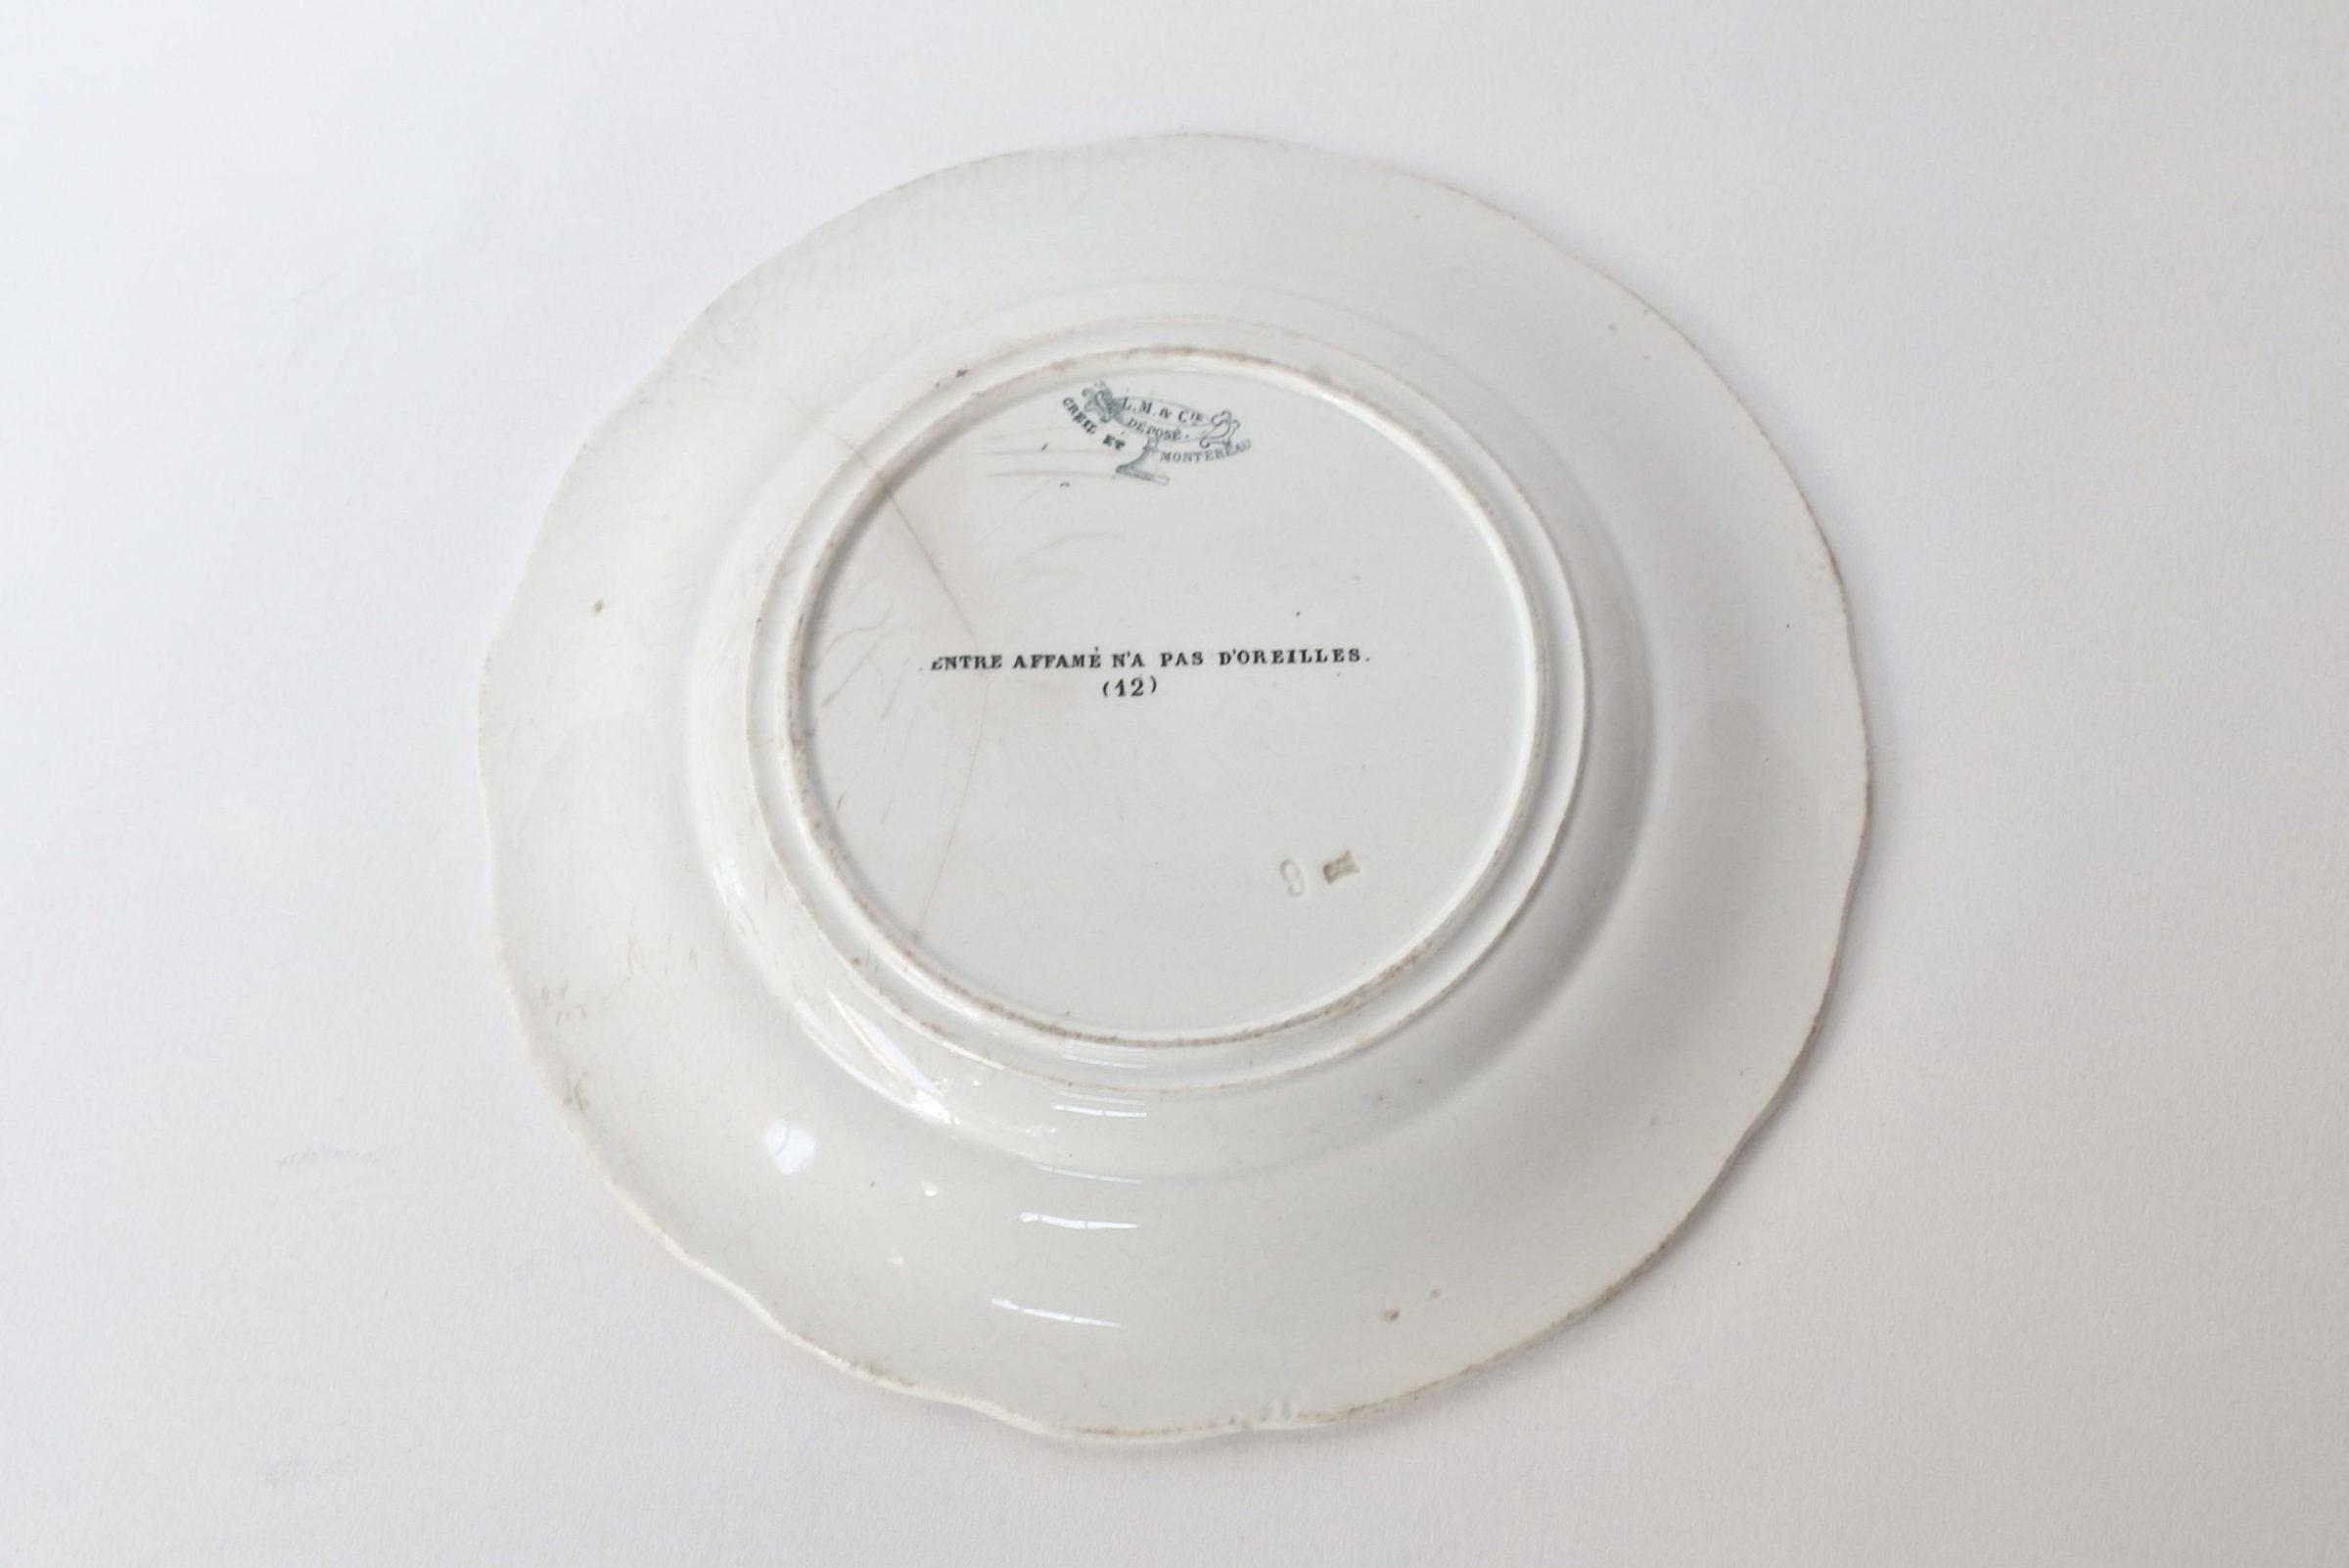 Piatto in ceramica con cornice blu decorato con rebus - decoro n° 12 - 2